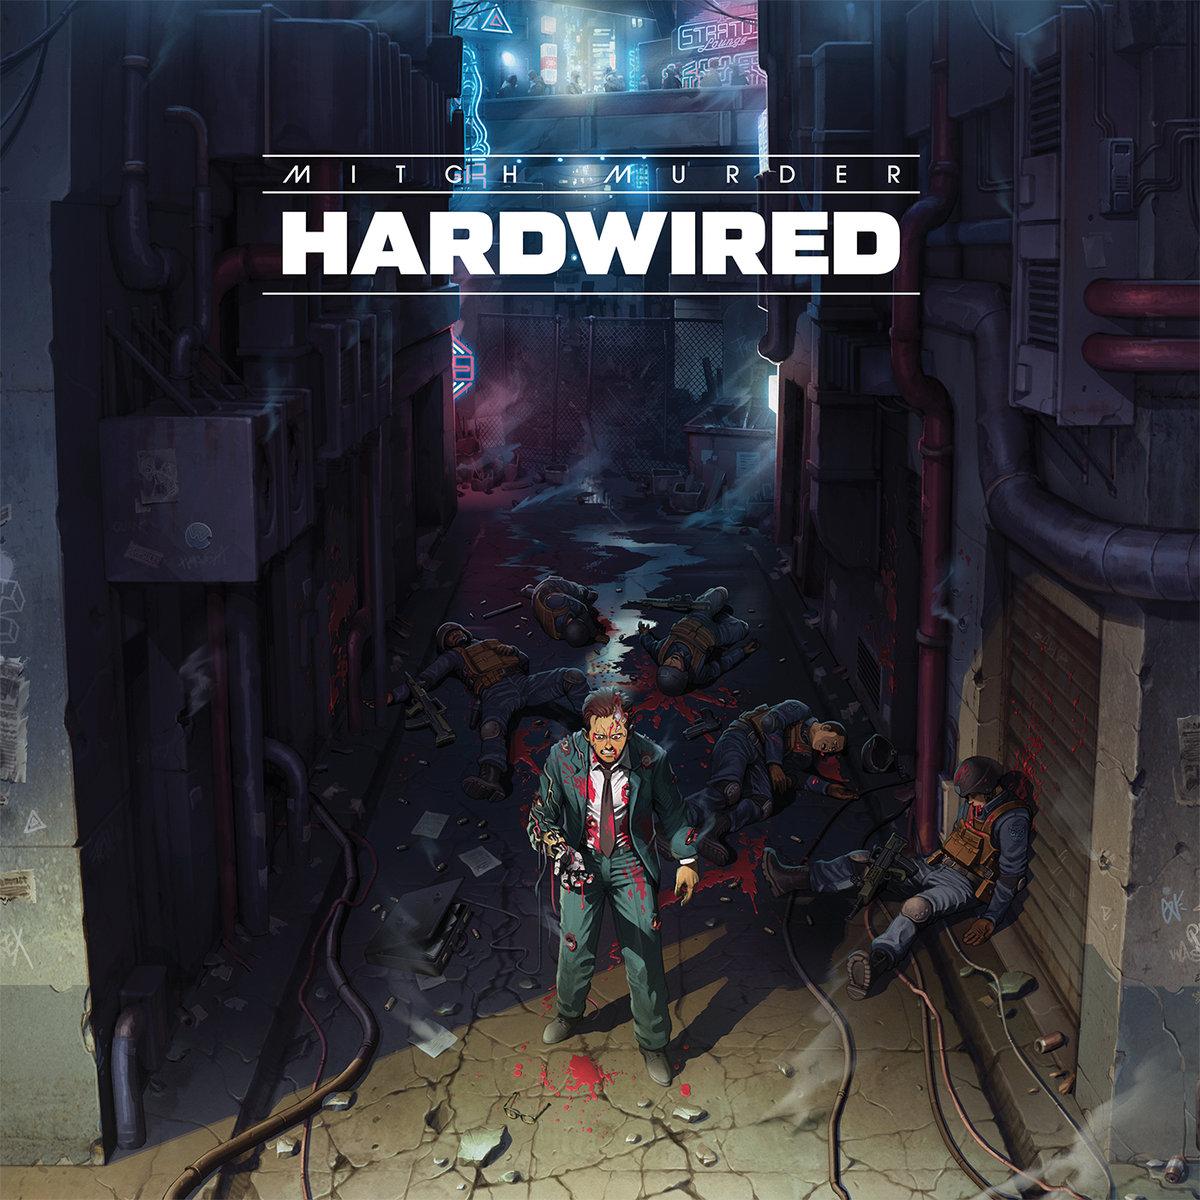 a3398761566 10 - Mitch Murder - Hardwired